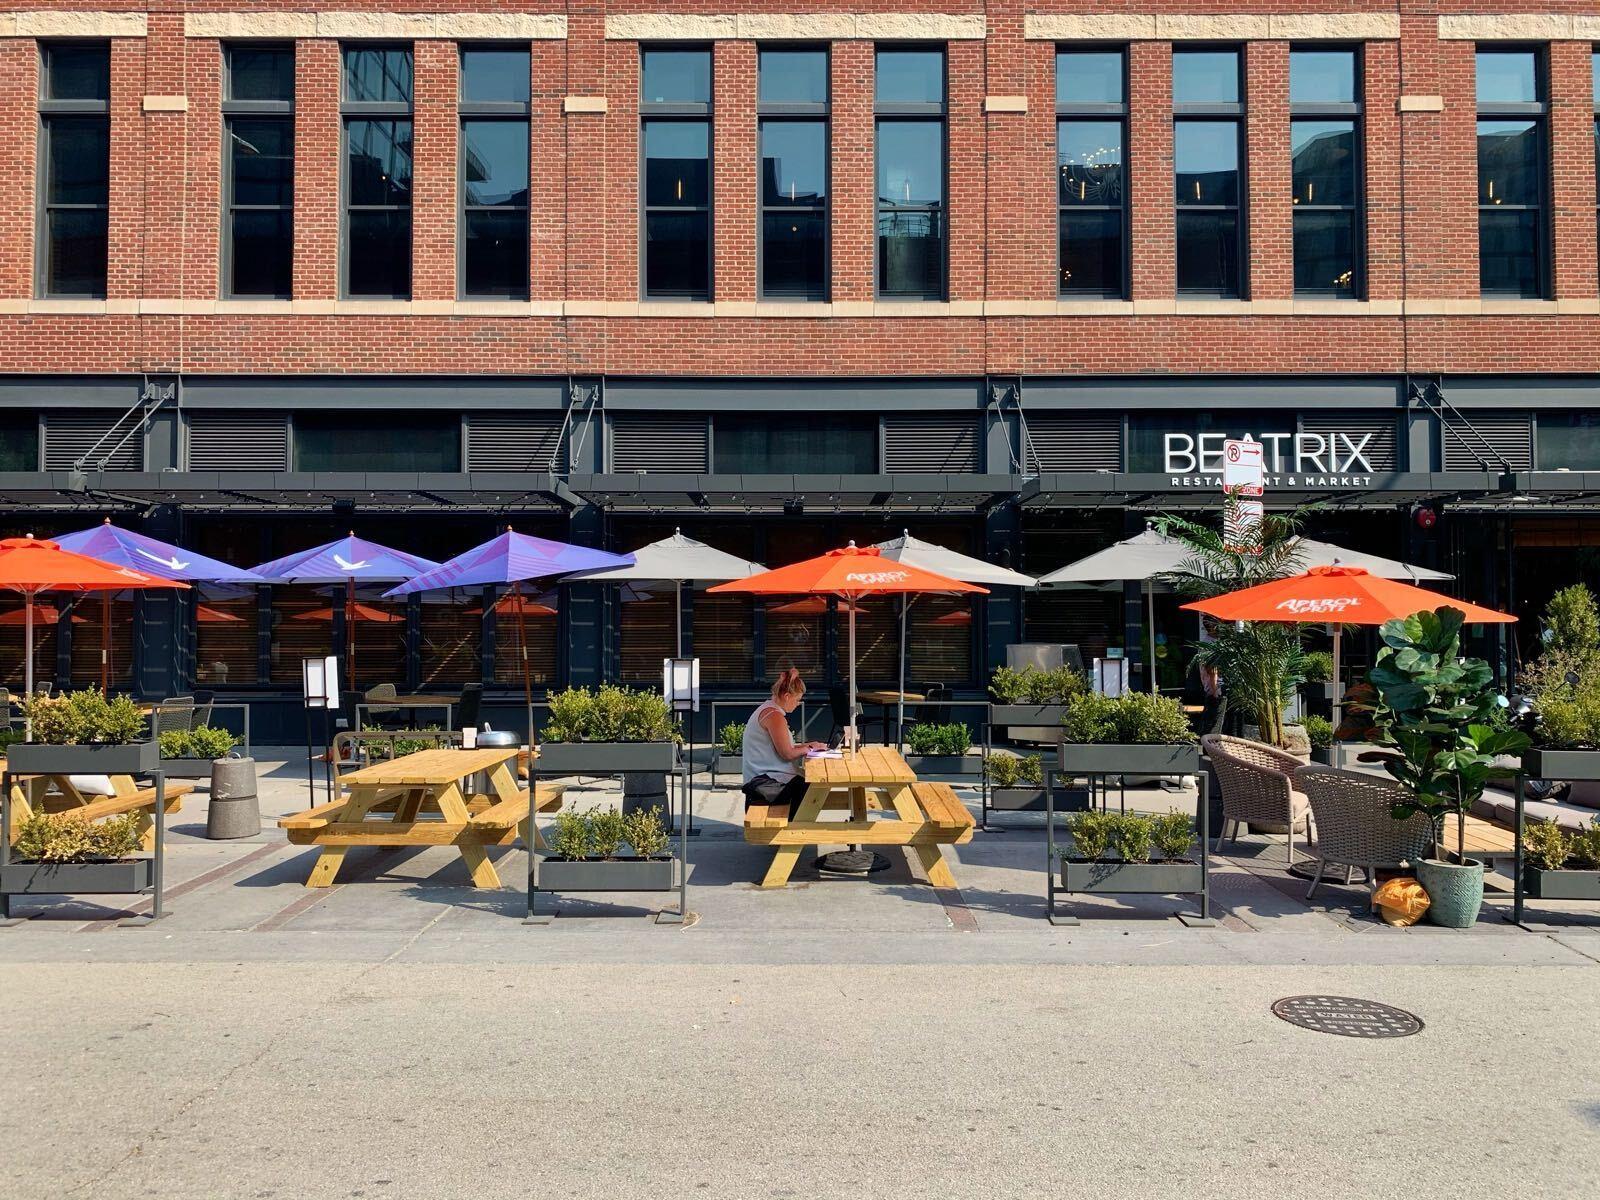 Fulton Market outdoor dining